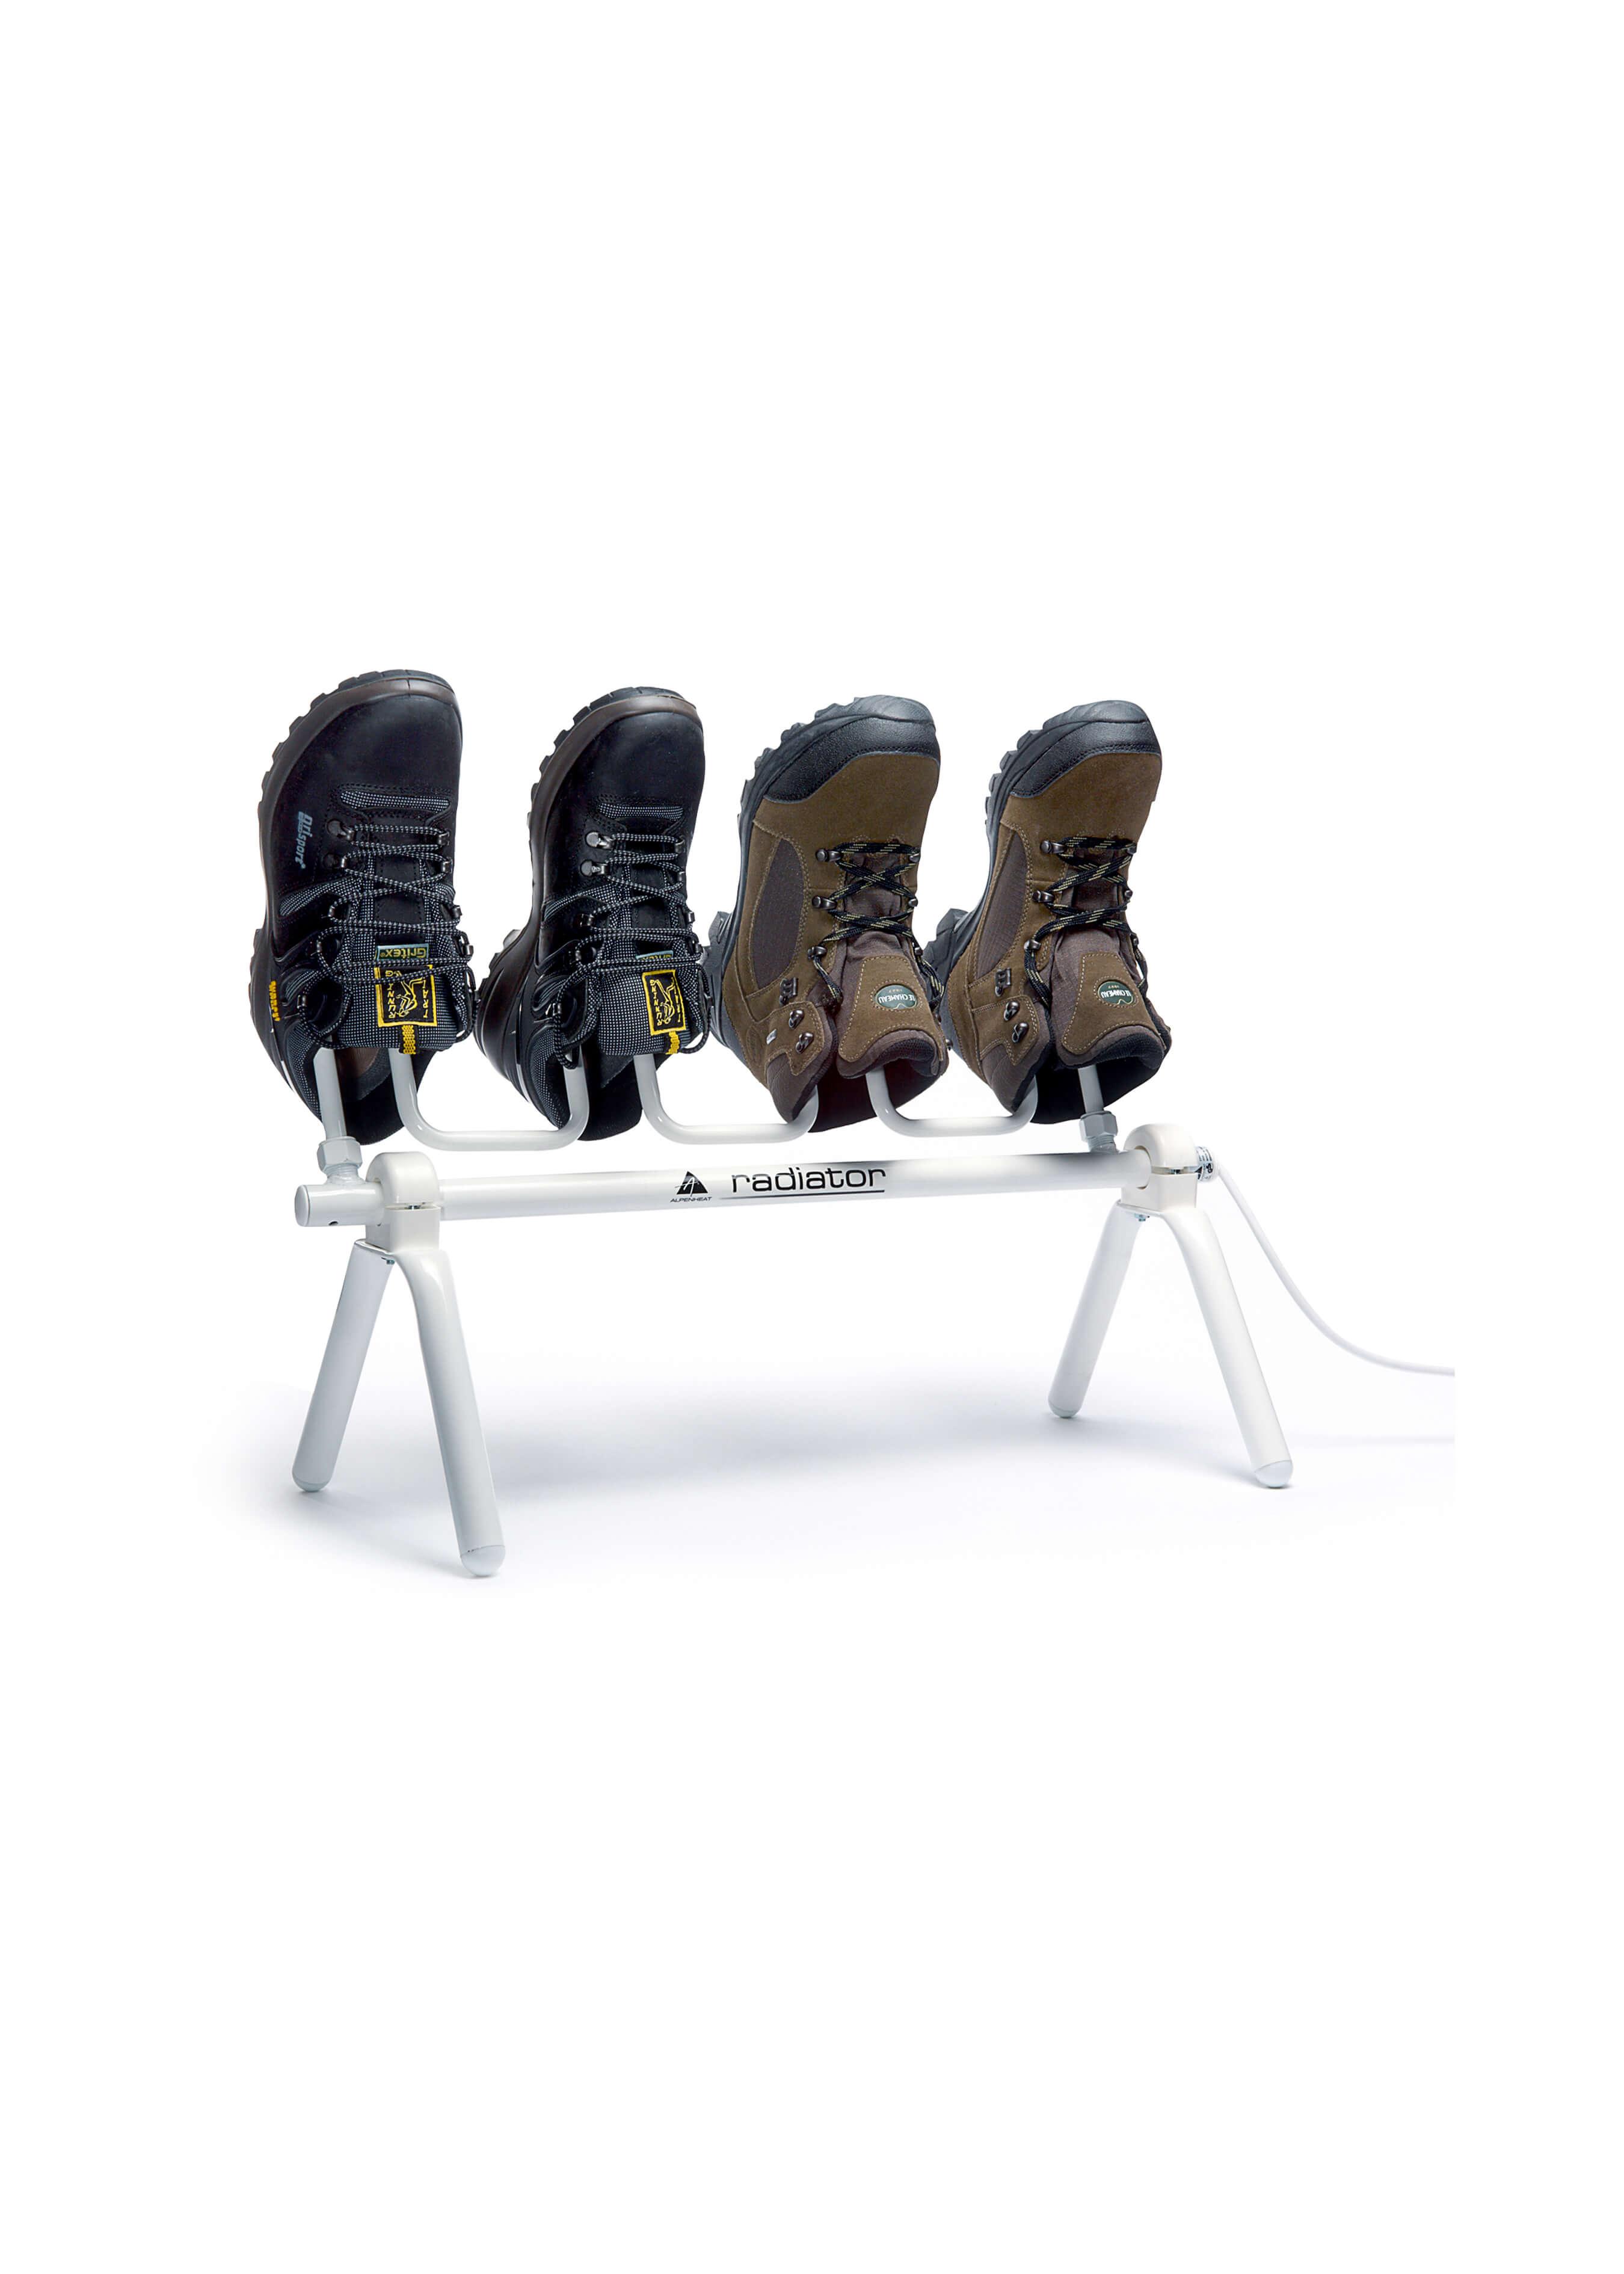 Radiateur sécheur de chaussures AD8 L2167 1